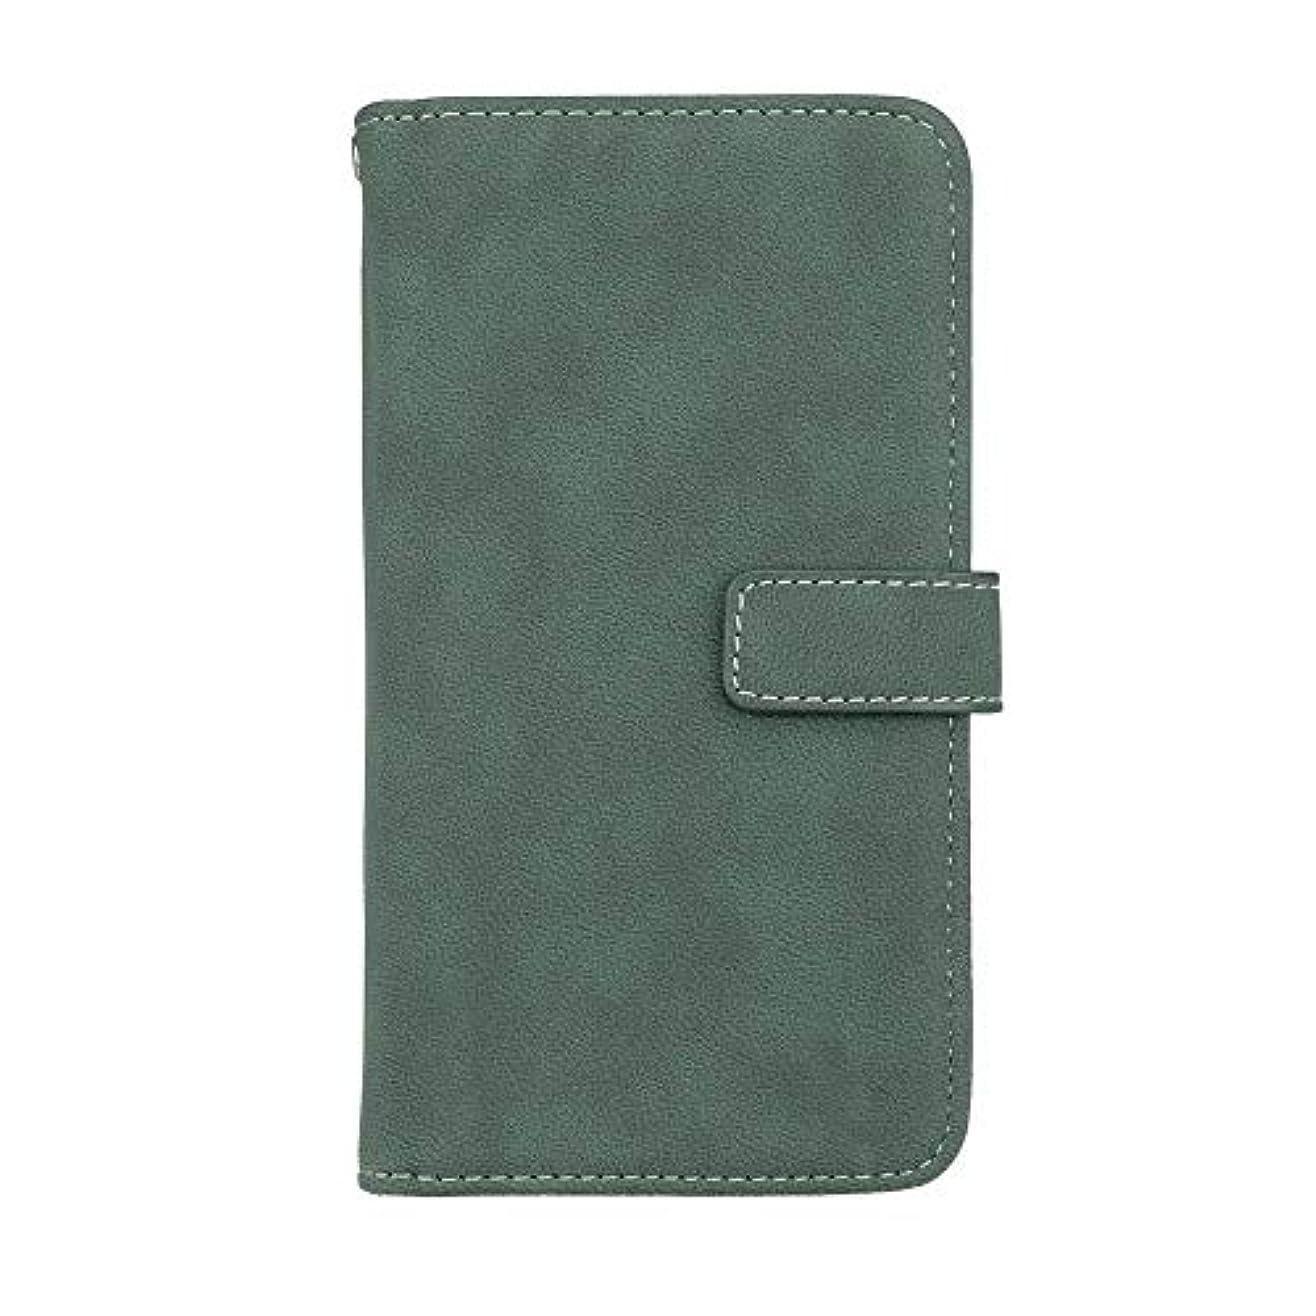 太い汗うねるXiaomi Redmi Note 4X 高品質 マグネット ケース, CUNUS 携帯電話 ケース 軽量 柔軟 高品質 耐摩擦 カード収納 カバー Xiaomi Redmi Note 4X 用, グリーン